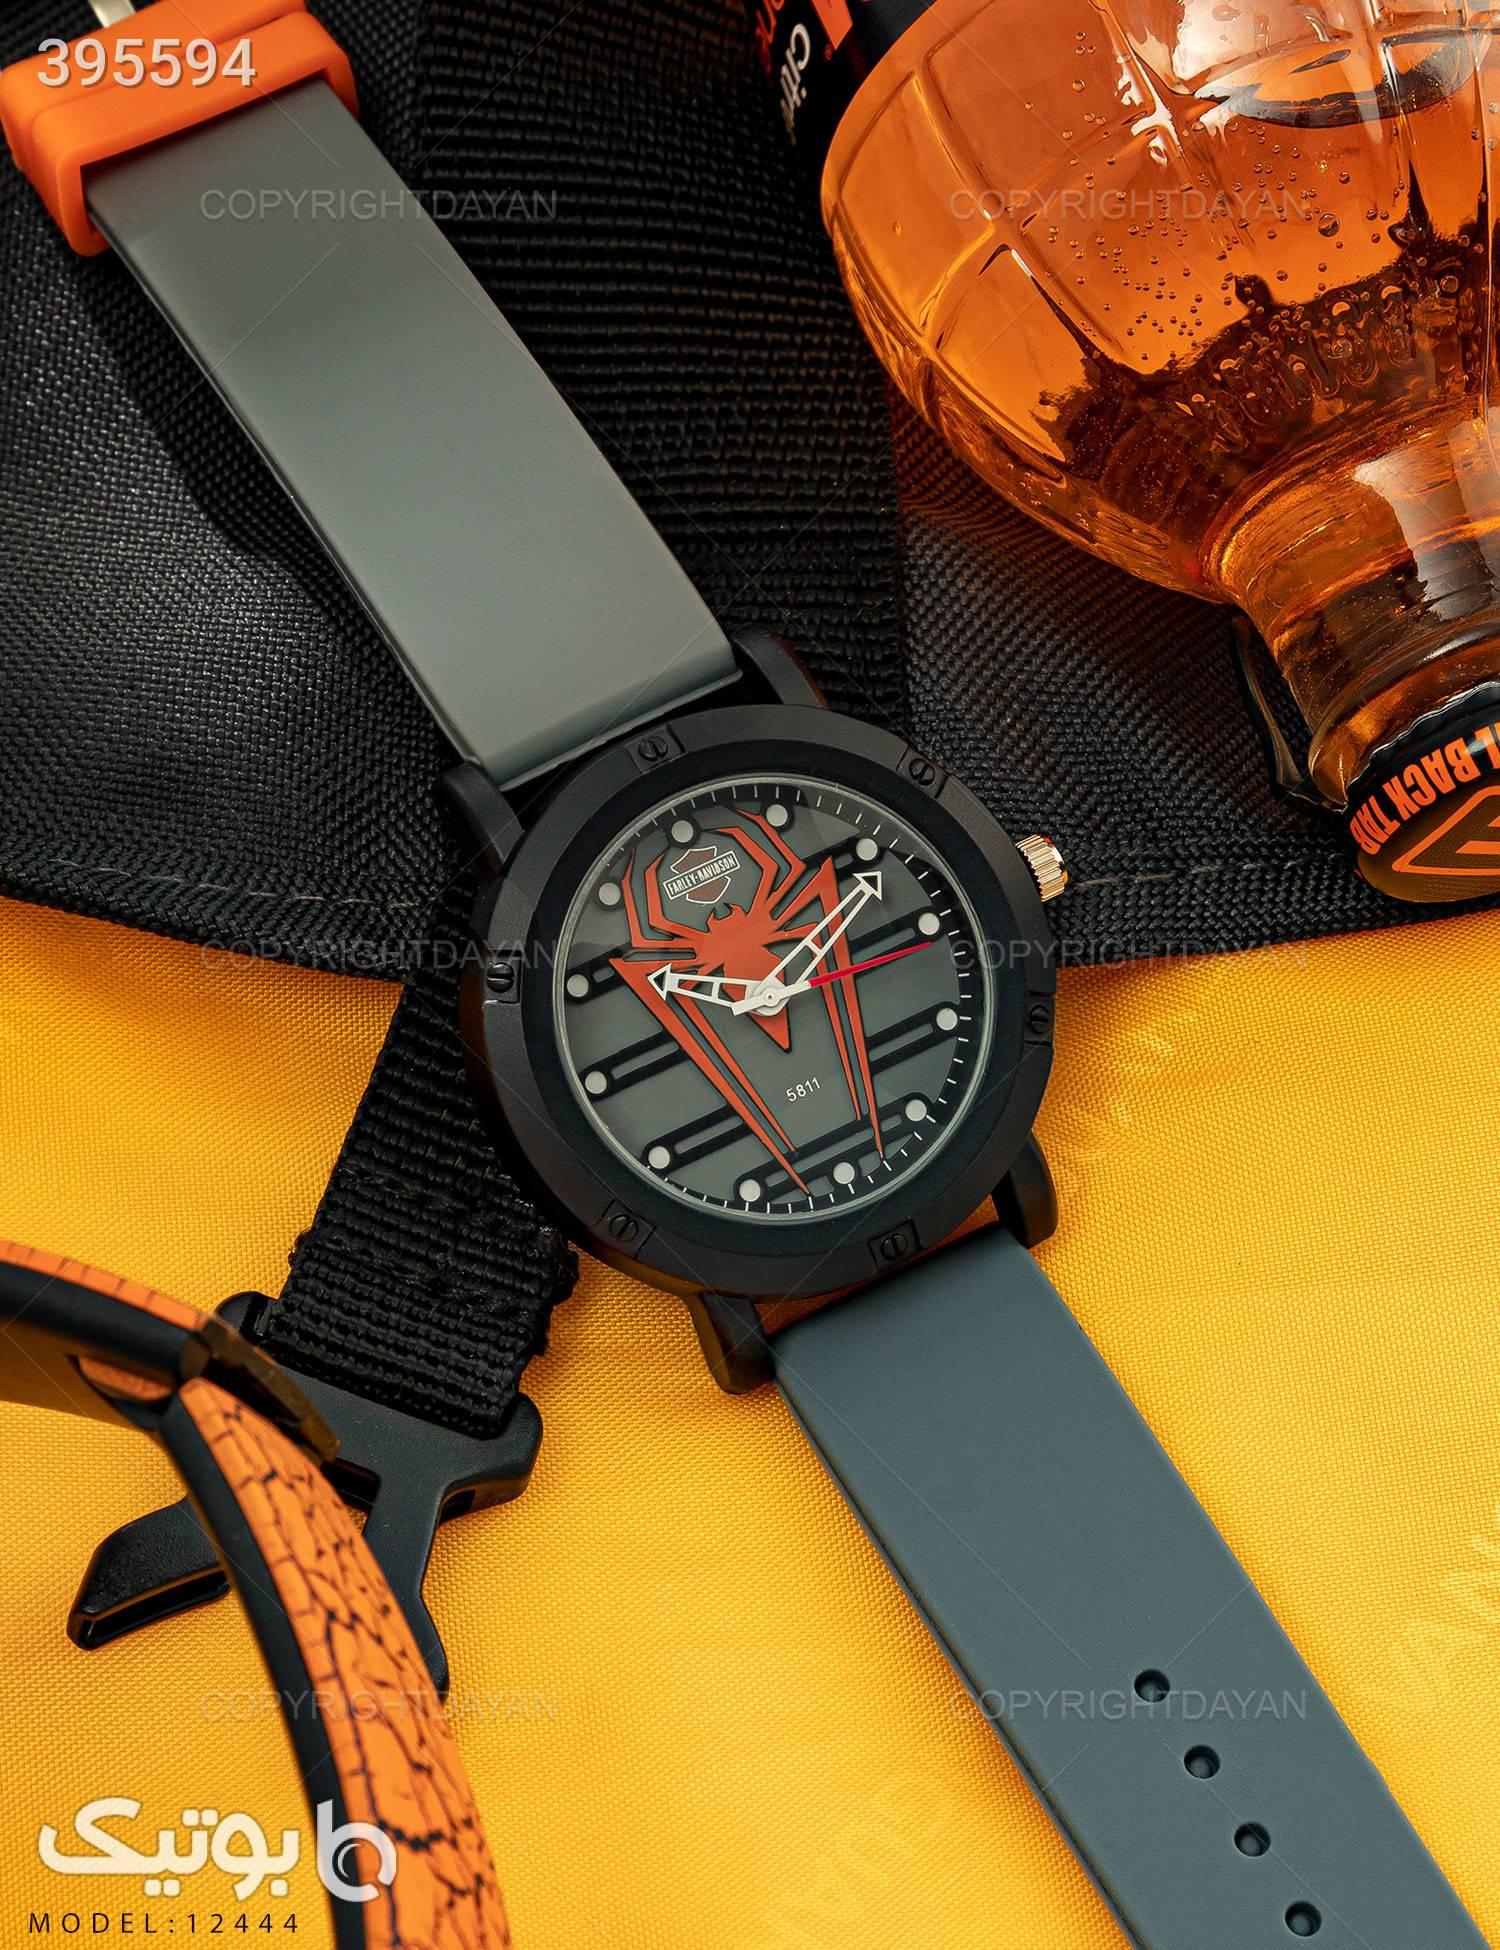 ساعت مچی مردانه Araz  مدل 12444 طوسی ساعت